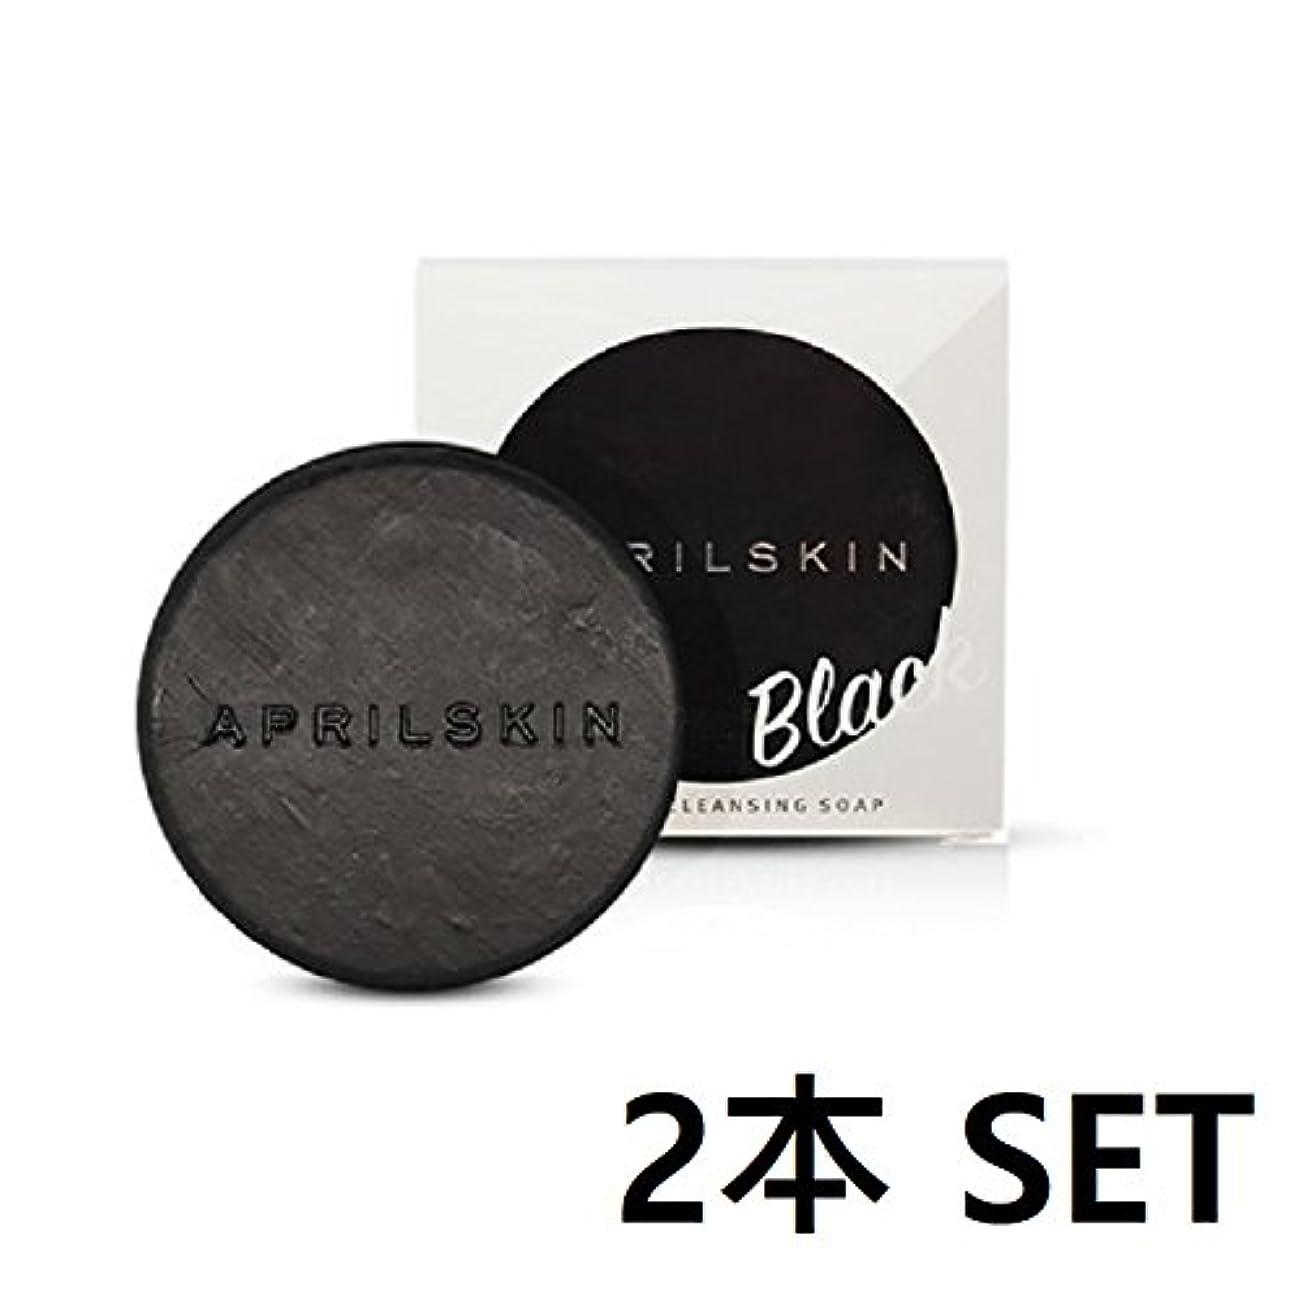 デンプシーナース欲望[APRILSKIN] エイプリルスキン国民石鹸 BLACK X 2pcs SET(APRIL SKIN magic stone マジックストーンのリニューアルバージョン新発売) (BLACK) [並行輸入品]